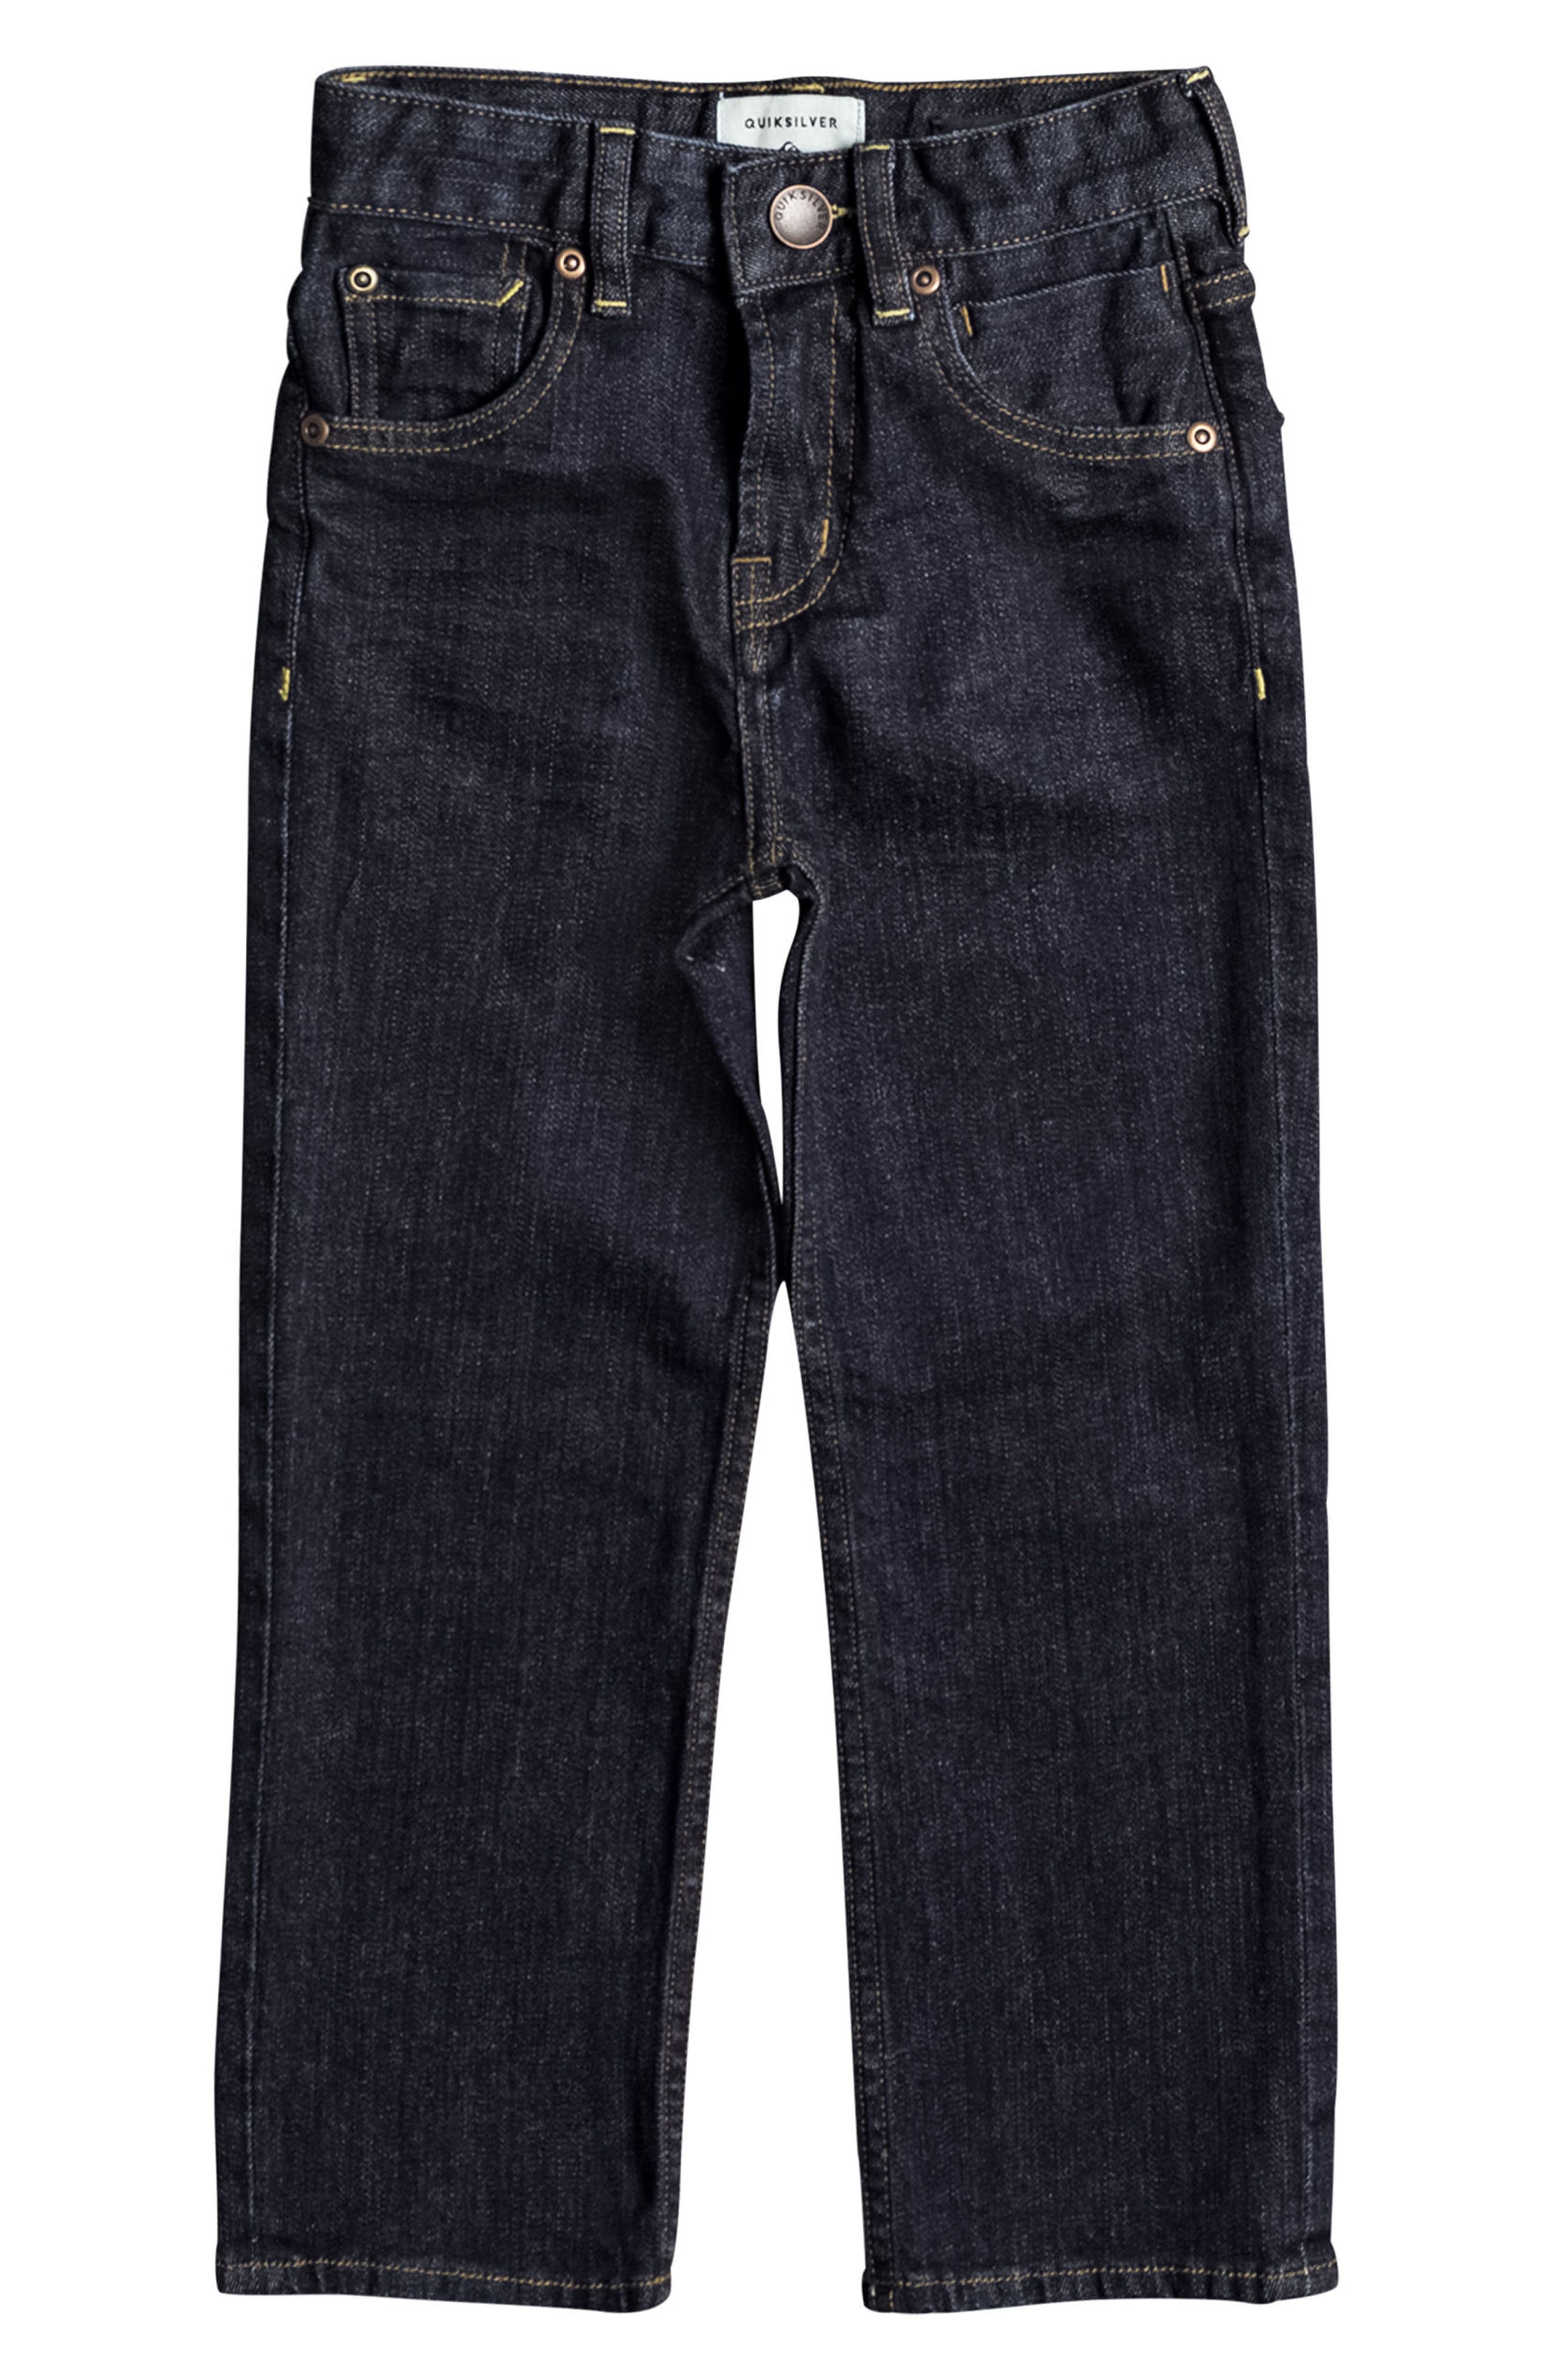 Main Image - Quiksilver Sequel 5-Pocket Jeans (Big Boys)